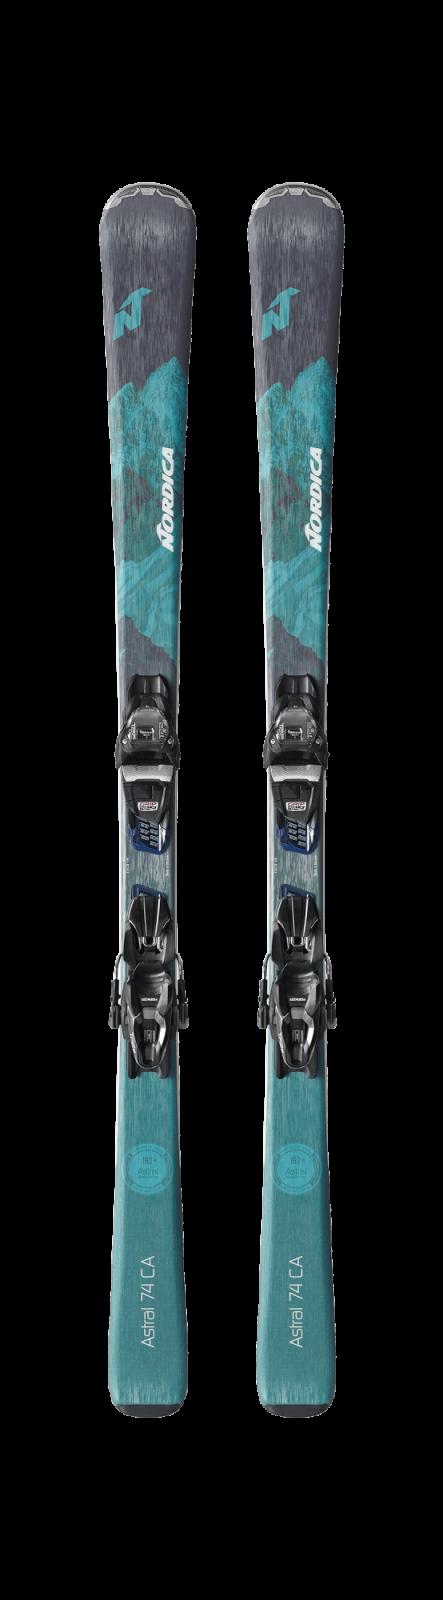 Nordica Astal 74 CA Skis w/ Bindings